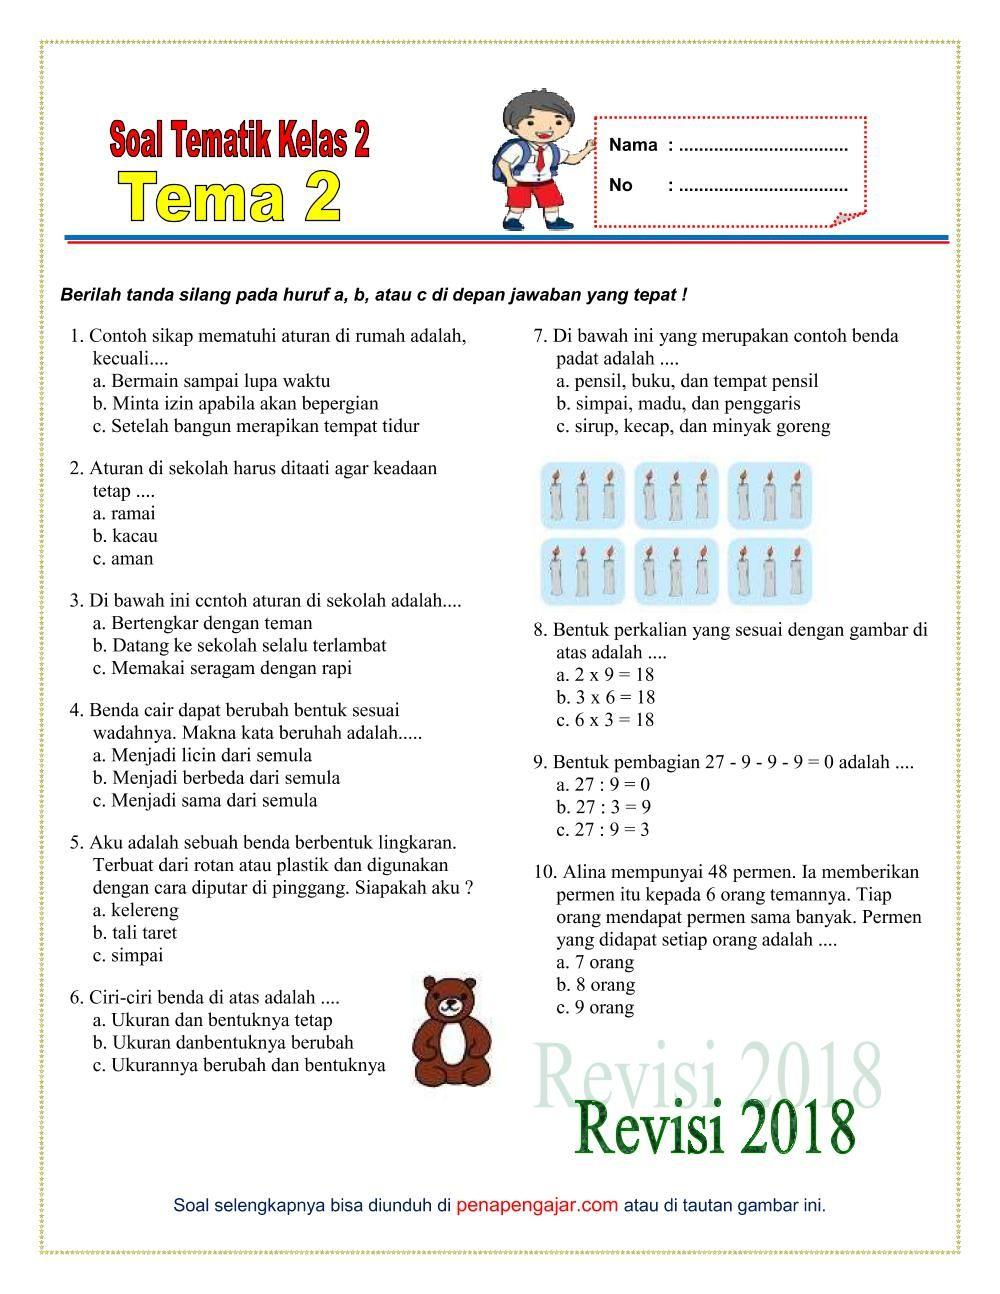 Soal Tematik Kelas 2 Sd Tema 1 Sub Tema 1 Hidup Rukun Di Rumah Warung Education Cute766